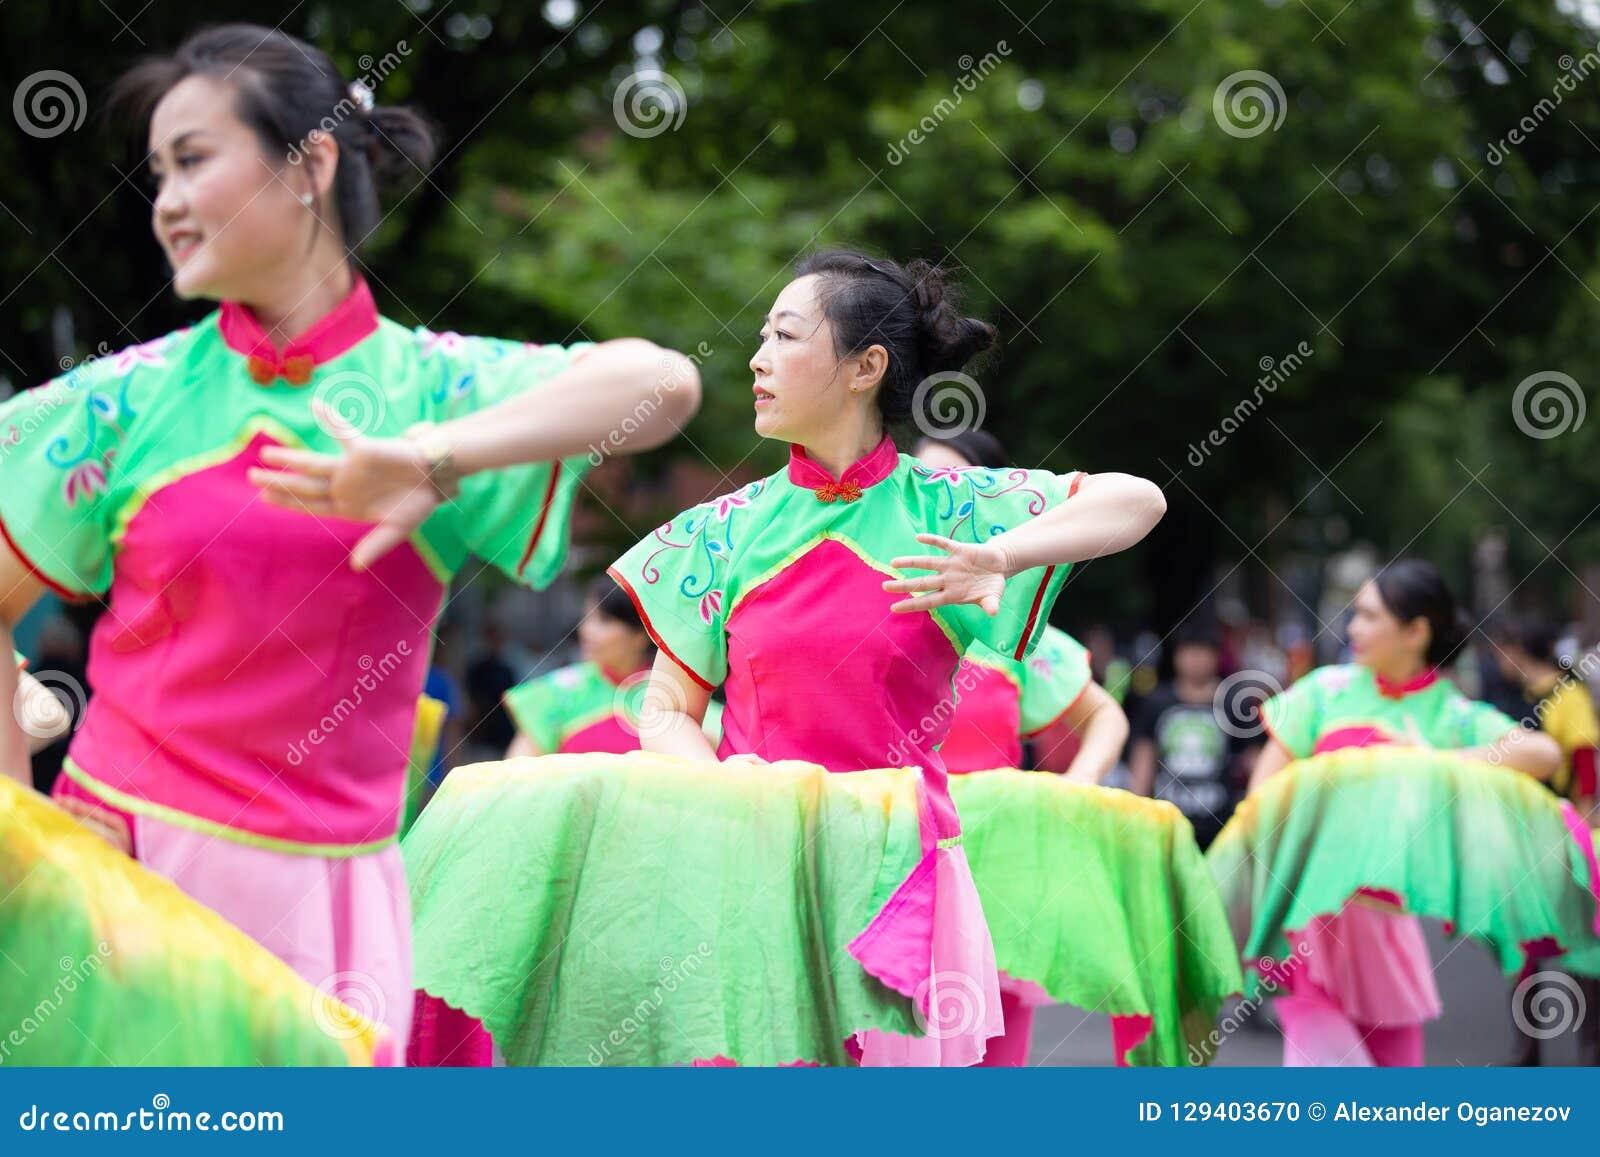 Азиатские дамы в традиционных танцах костюма на улице